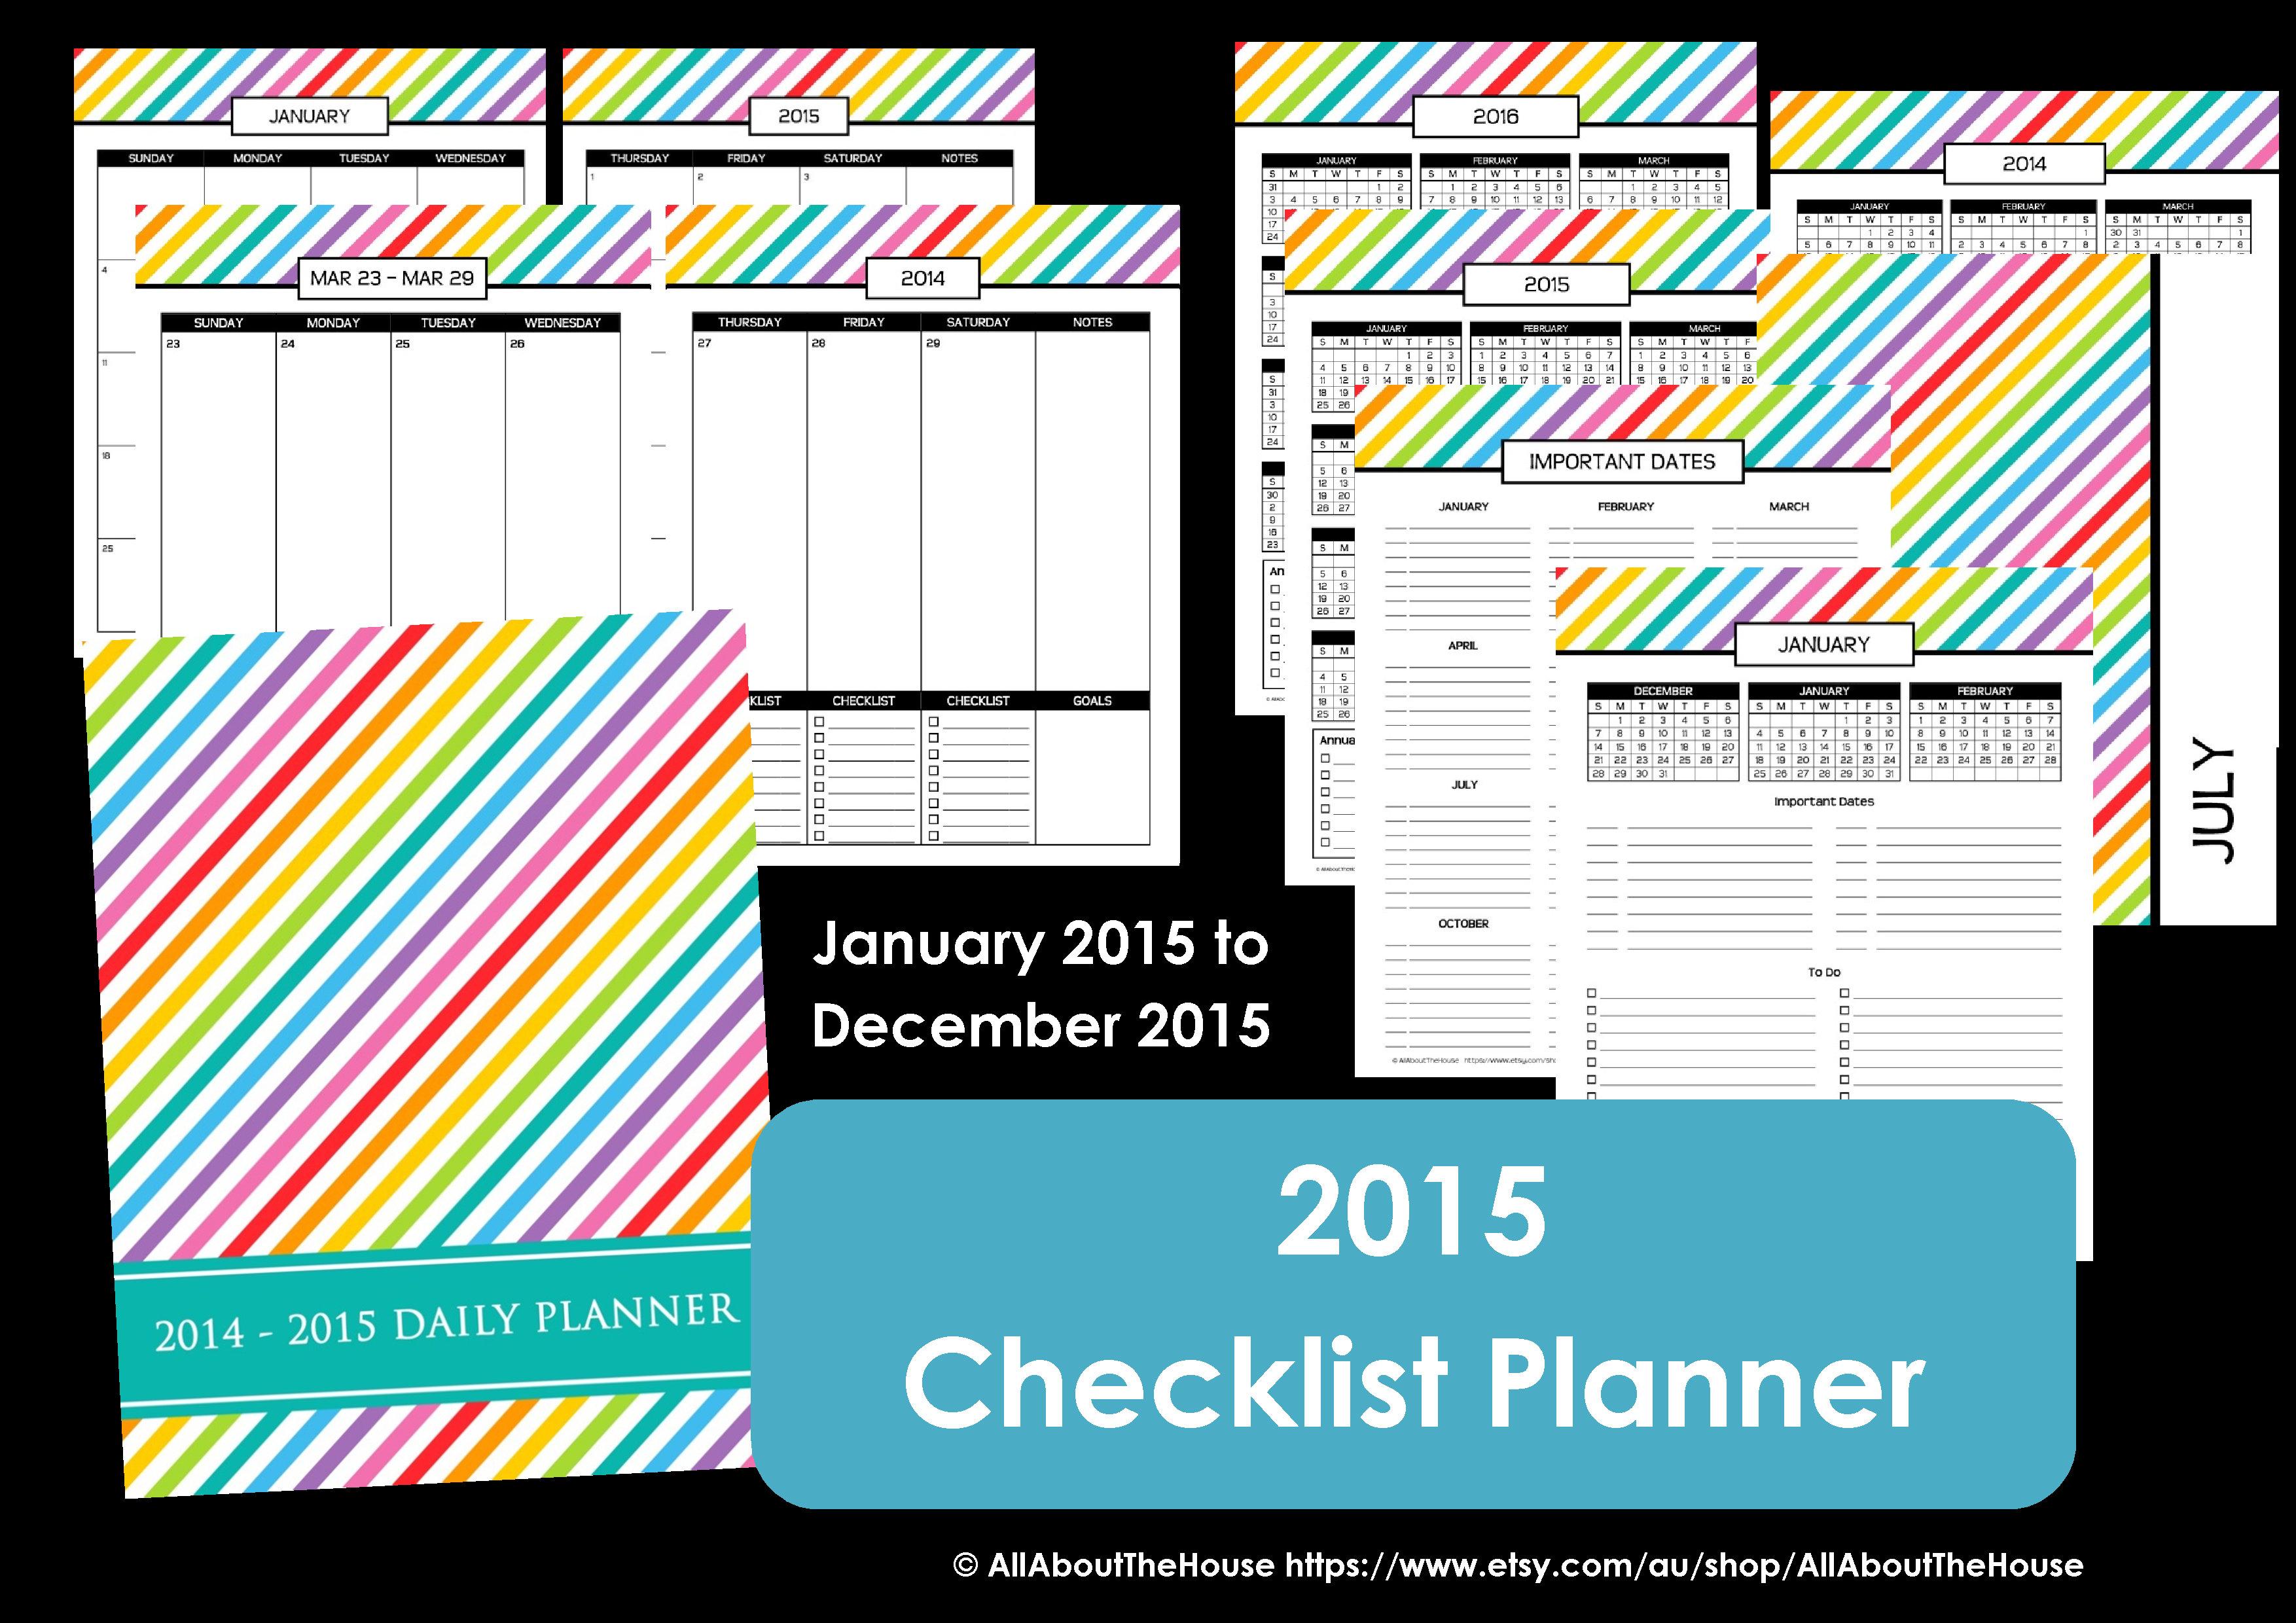 2015 checklist planner (2)